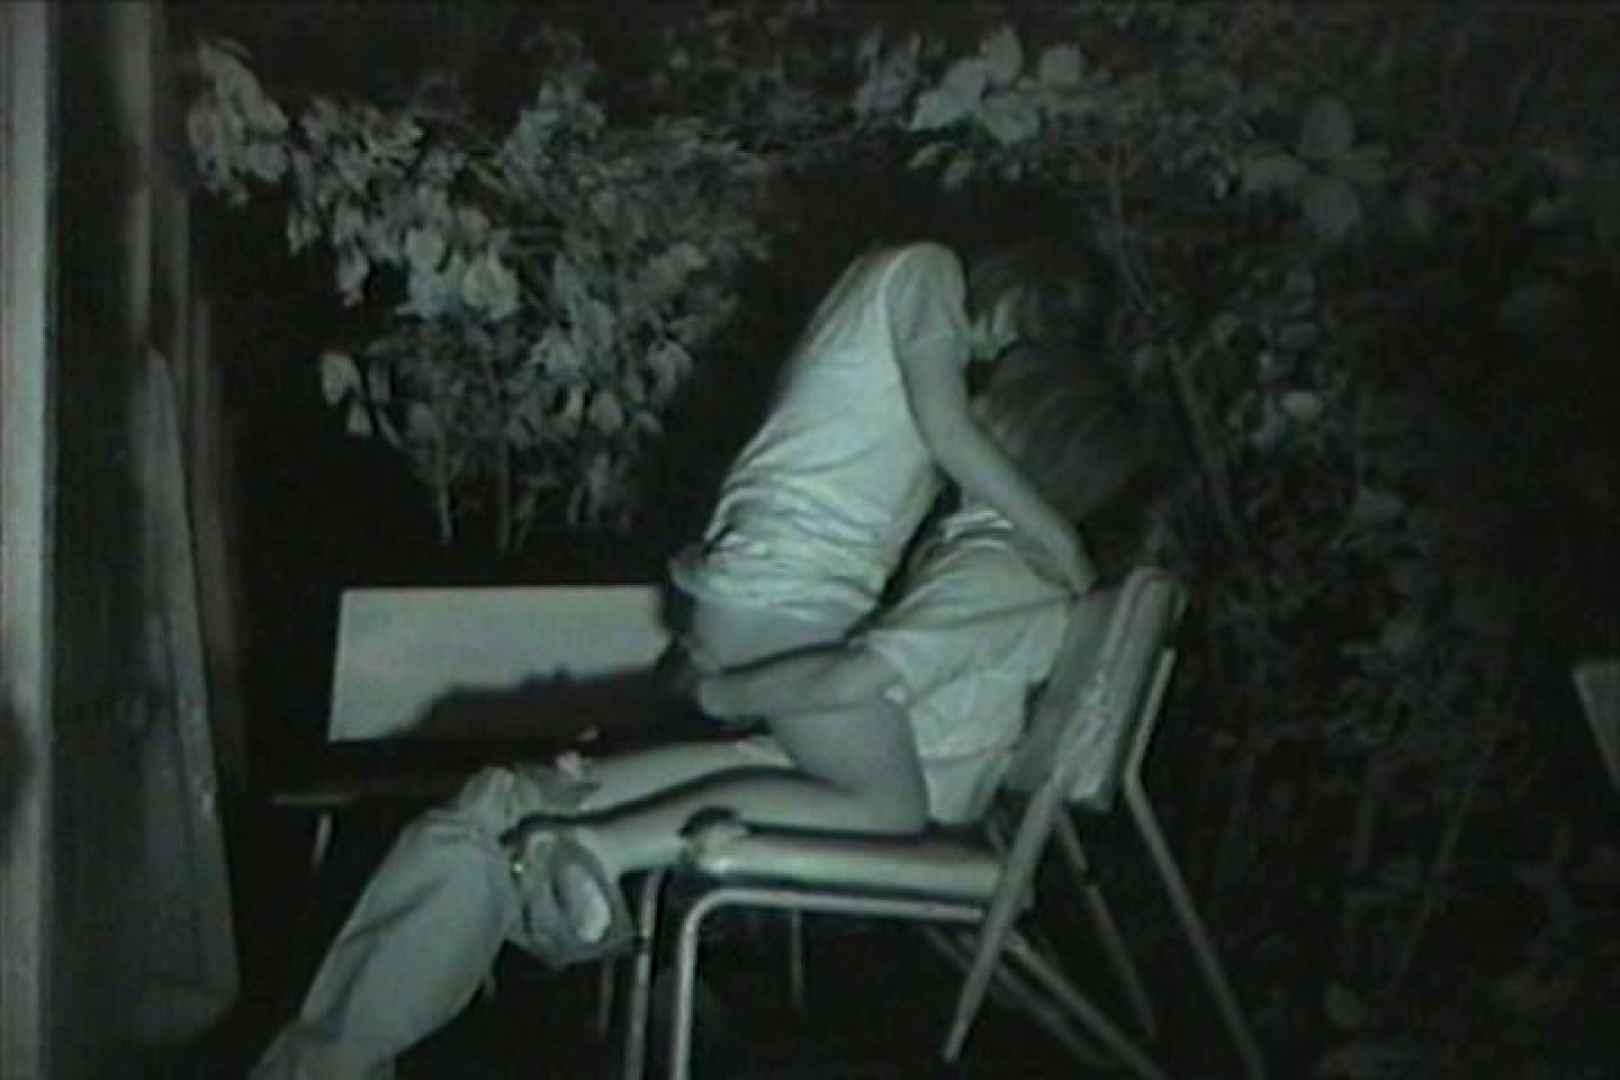 闇の仕掛け人 無修正版 Vol.25 美しいOLの裸体  102pic 44